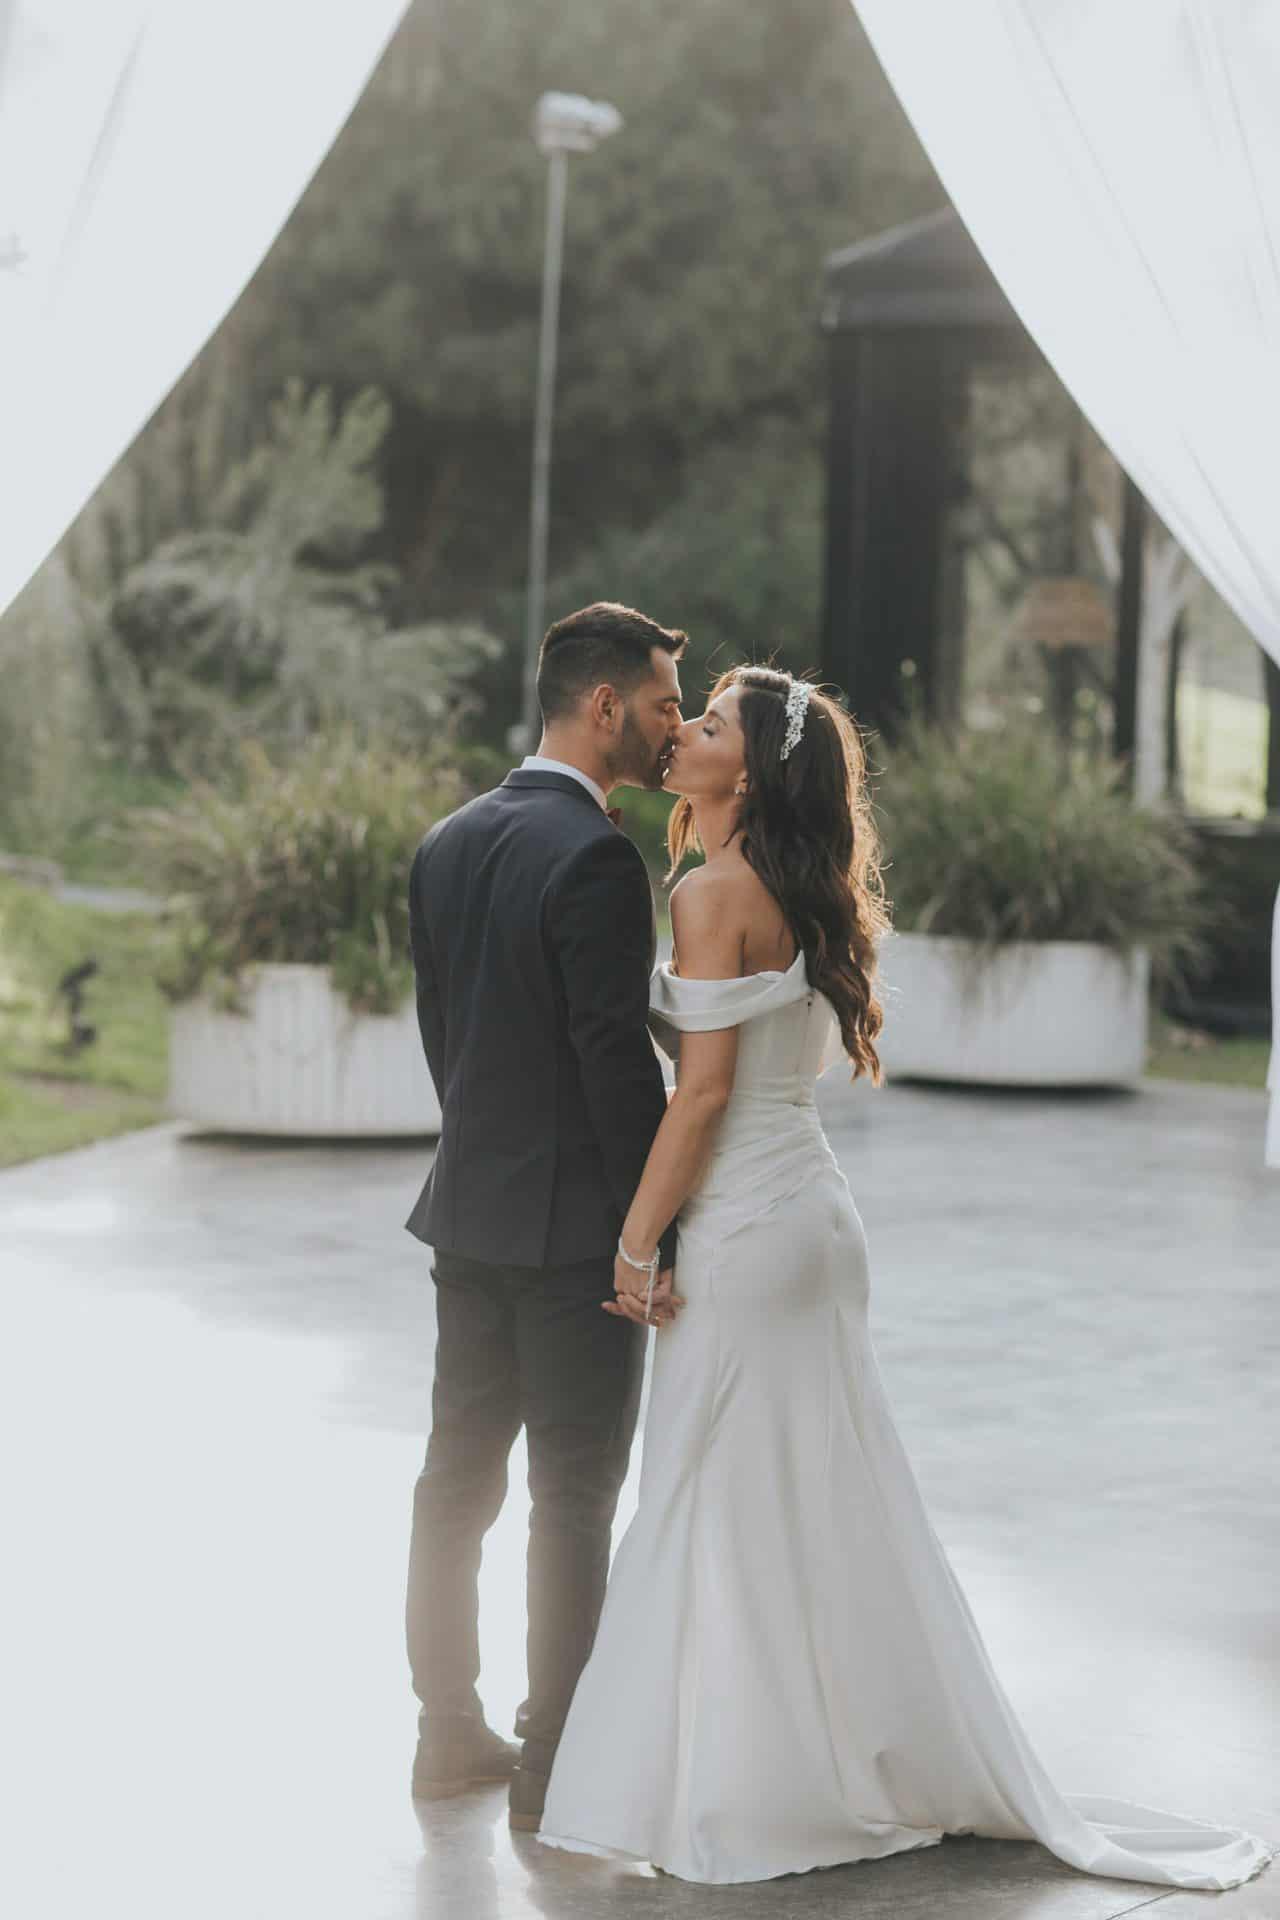 צילומים בתוך הגן במסגרת חתונת בזק